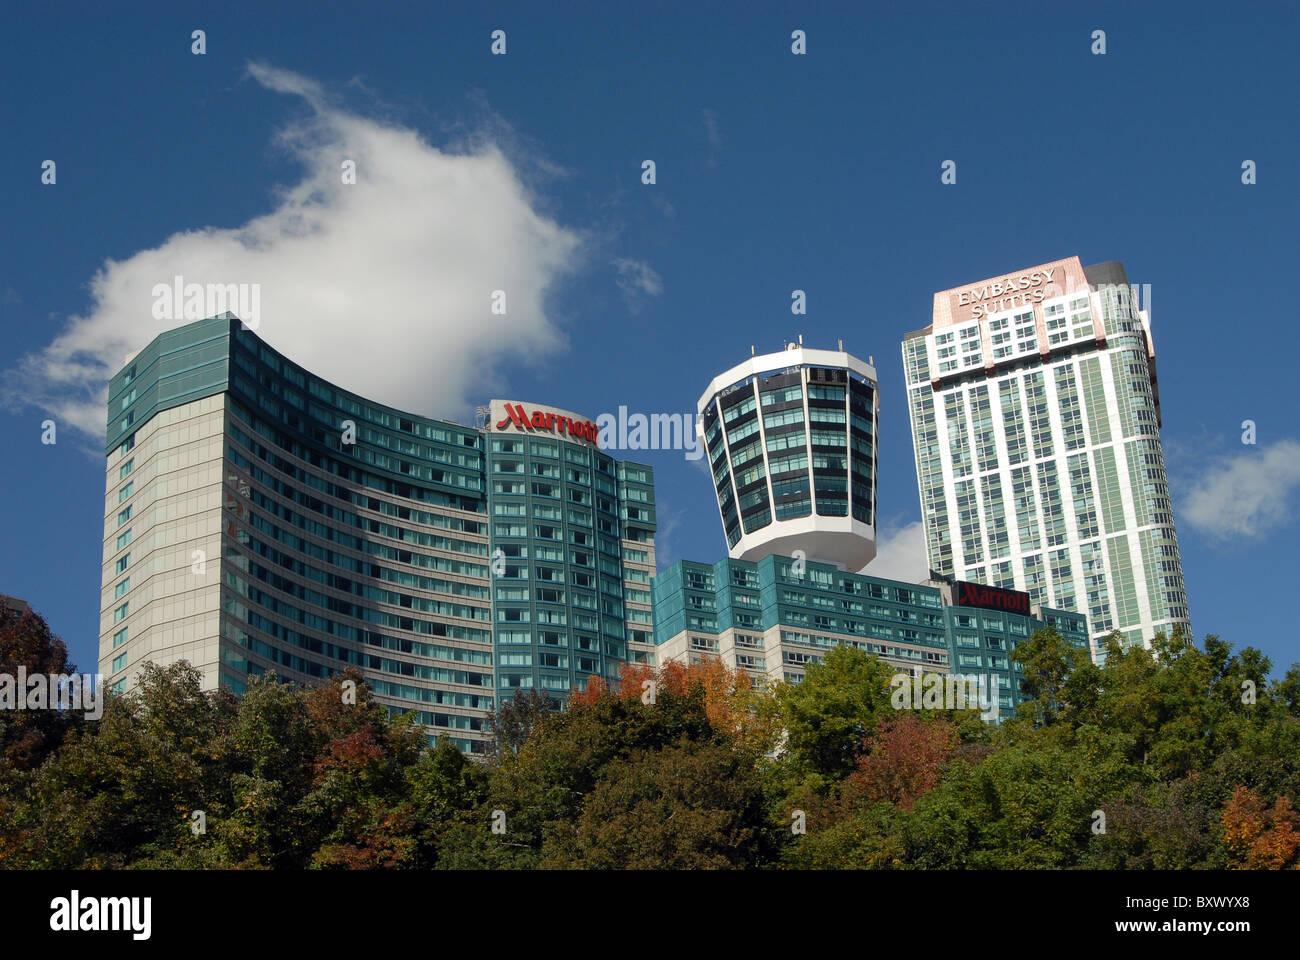 Das Marriott Fallsview Hotel Embassy Suites Hotel Und Konica Minolta